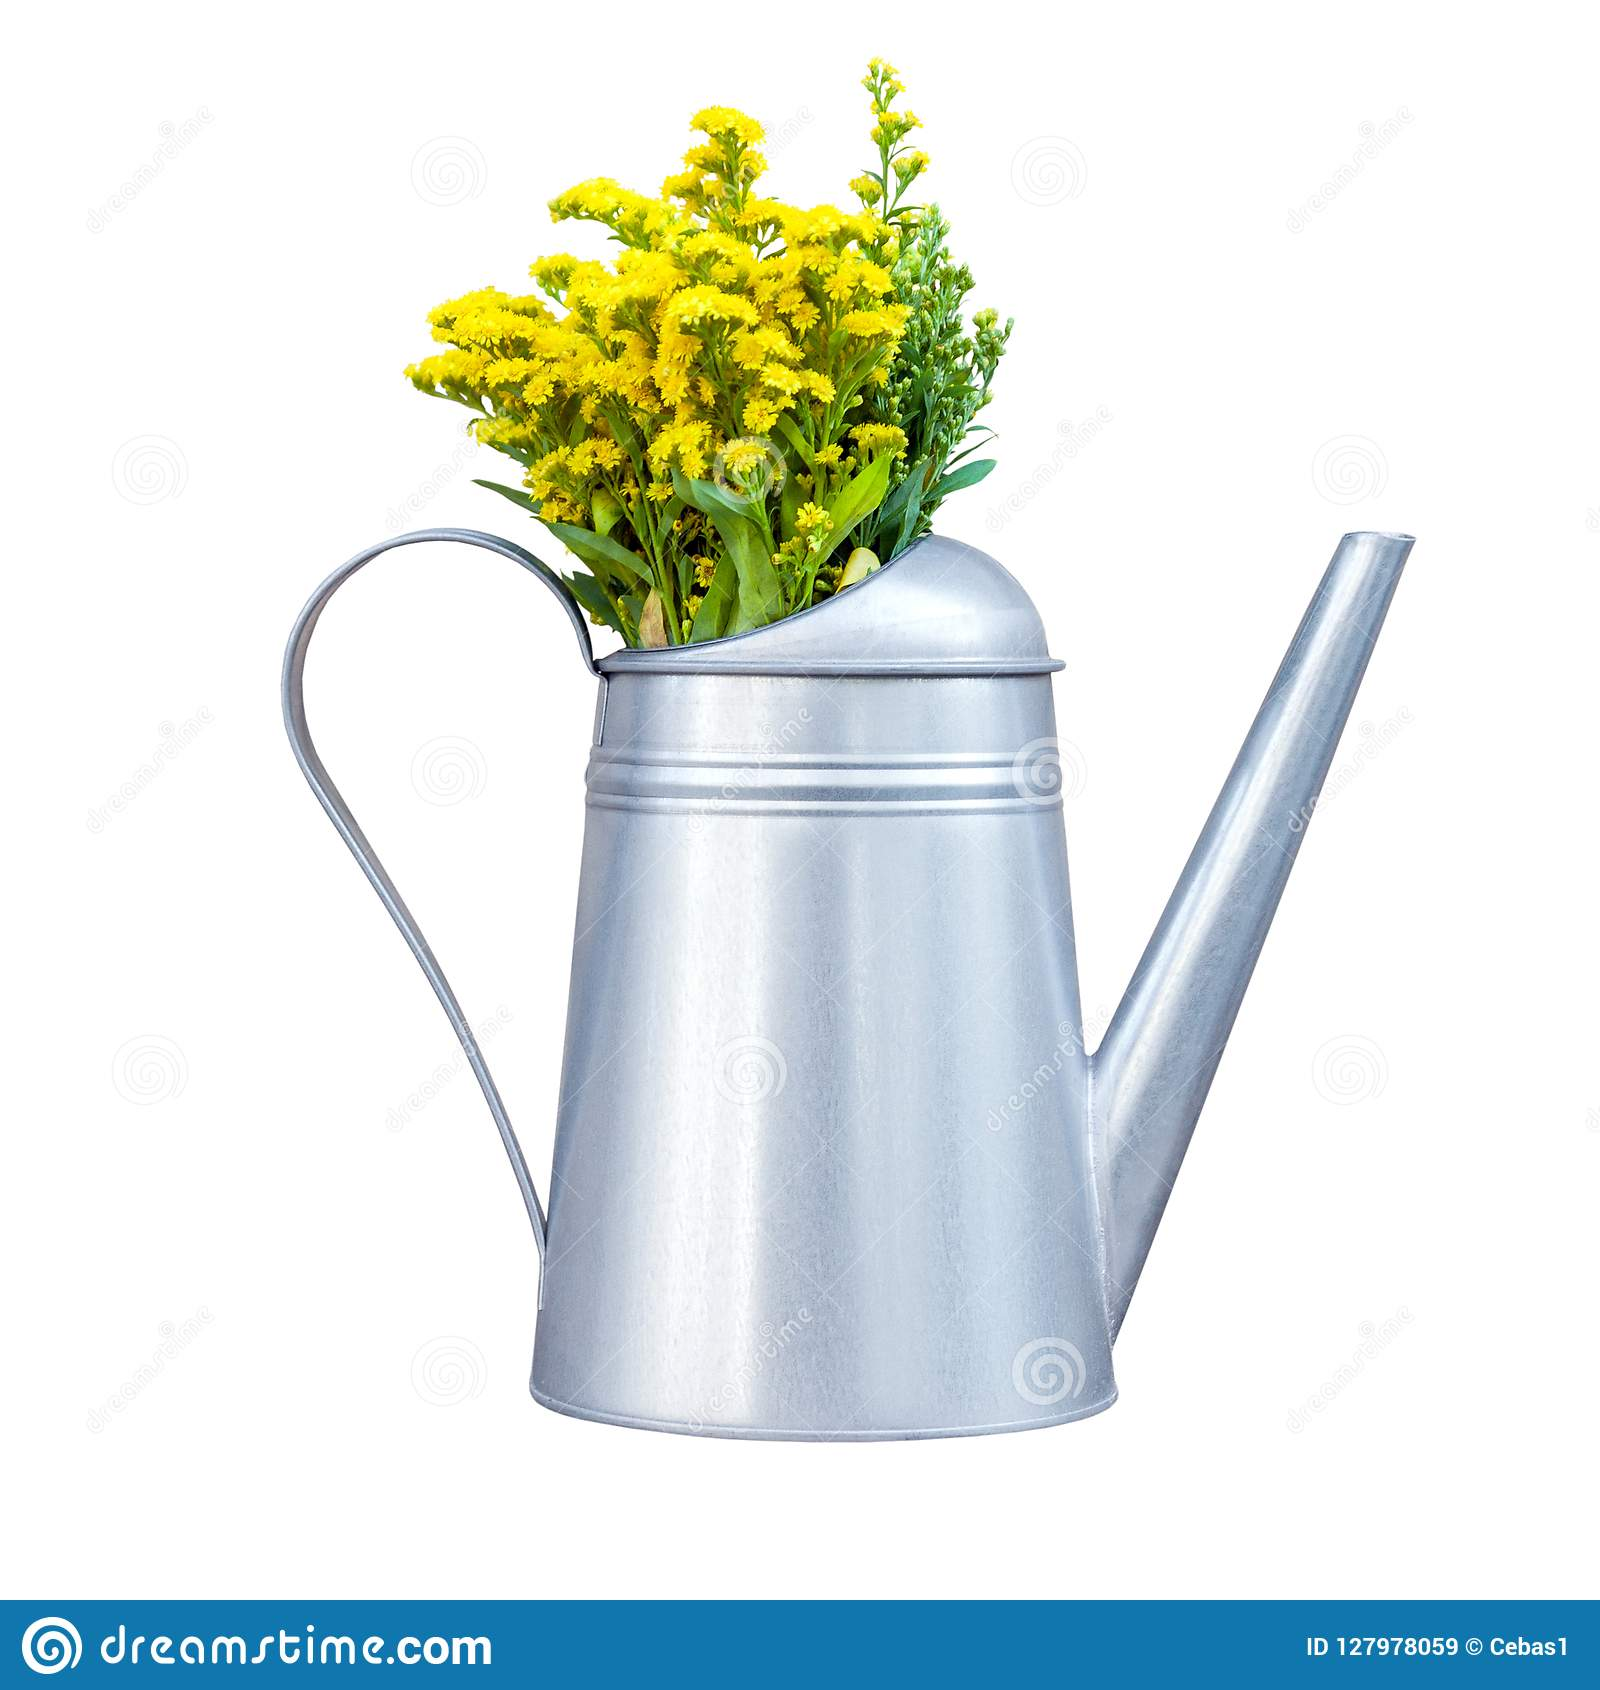 Dekoracyjna metal polewaczka z żółtymi wildflowers odizolowywającymi